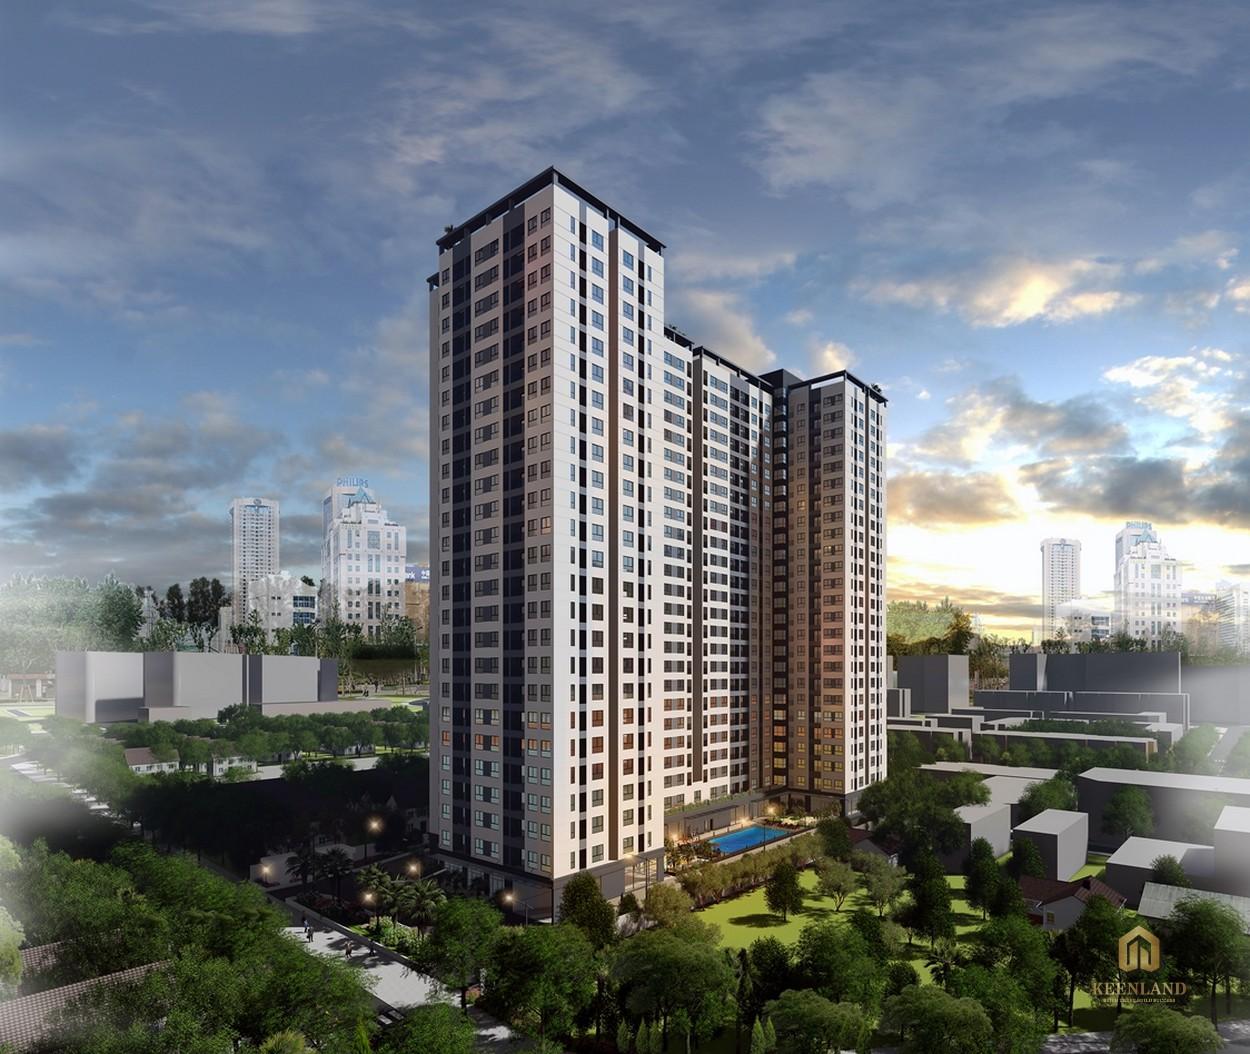 Phối cảnh dự án căn hộ chung cư Bcons Miền Đông